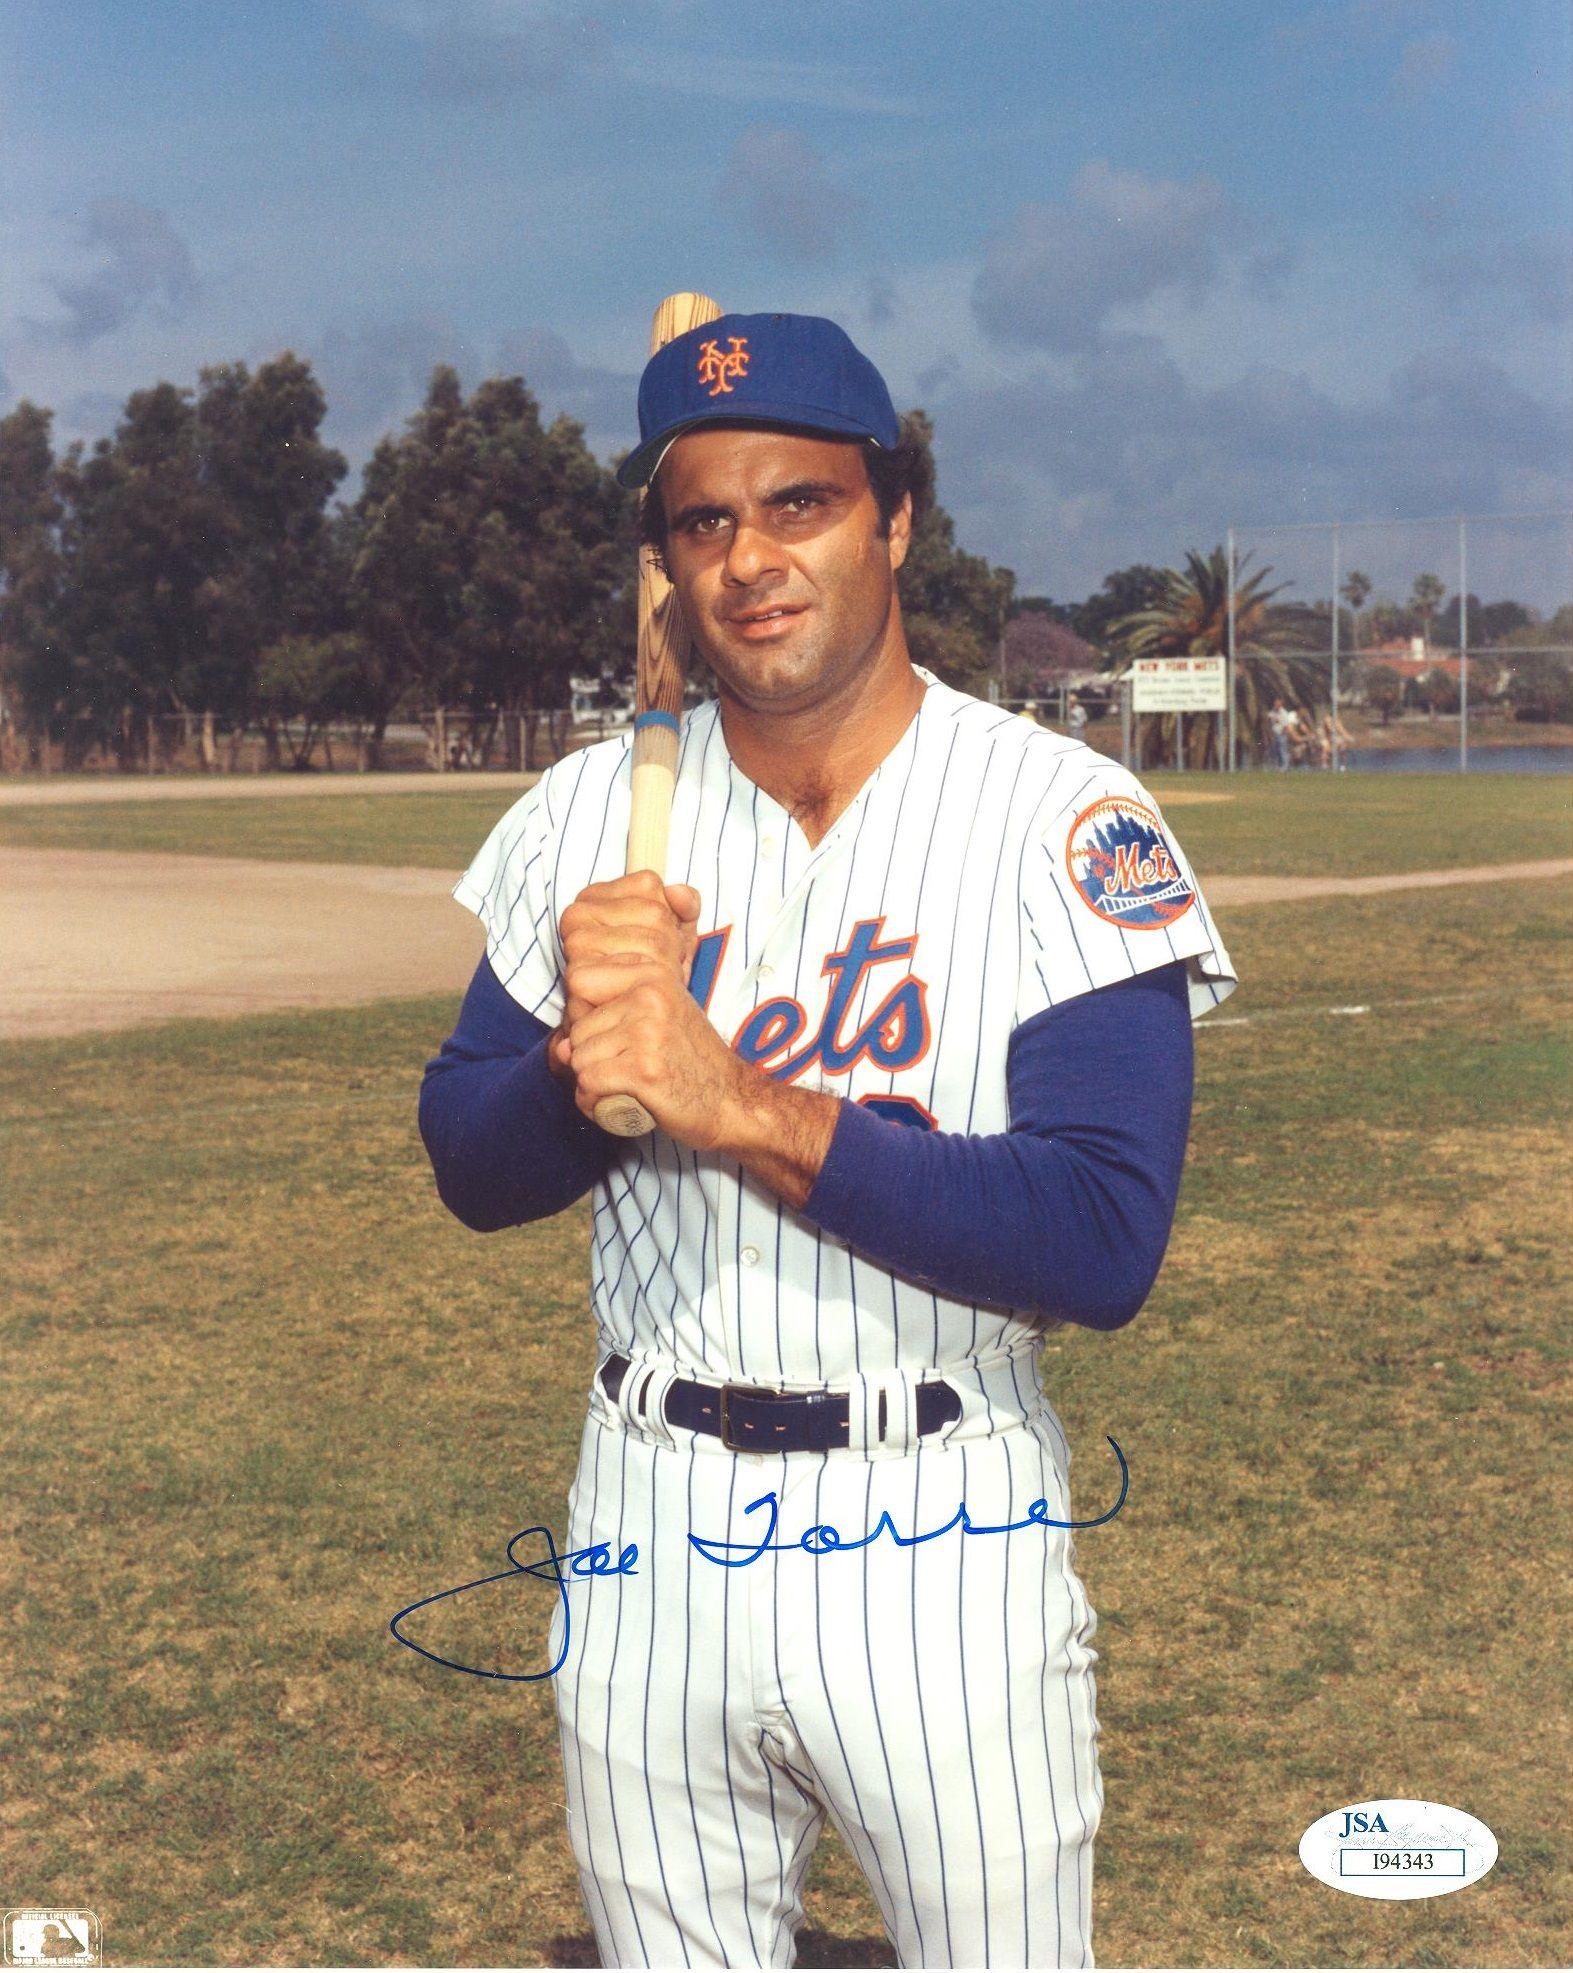 Joe Torre New York Mets Boys Of Summer Joe Torre Mets Baseball